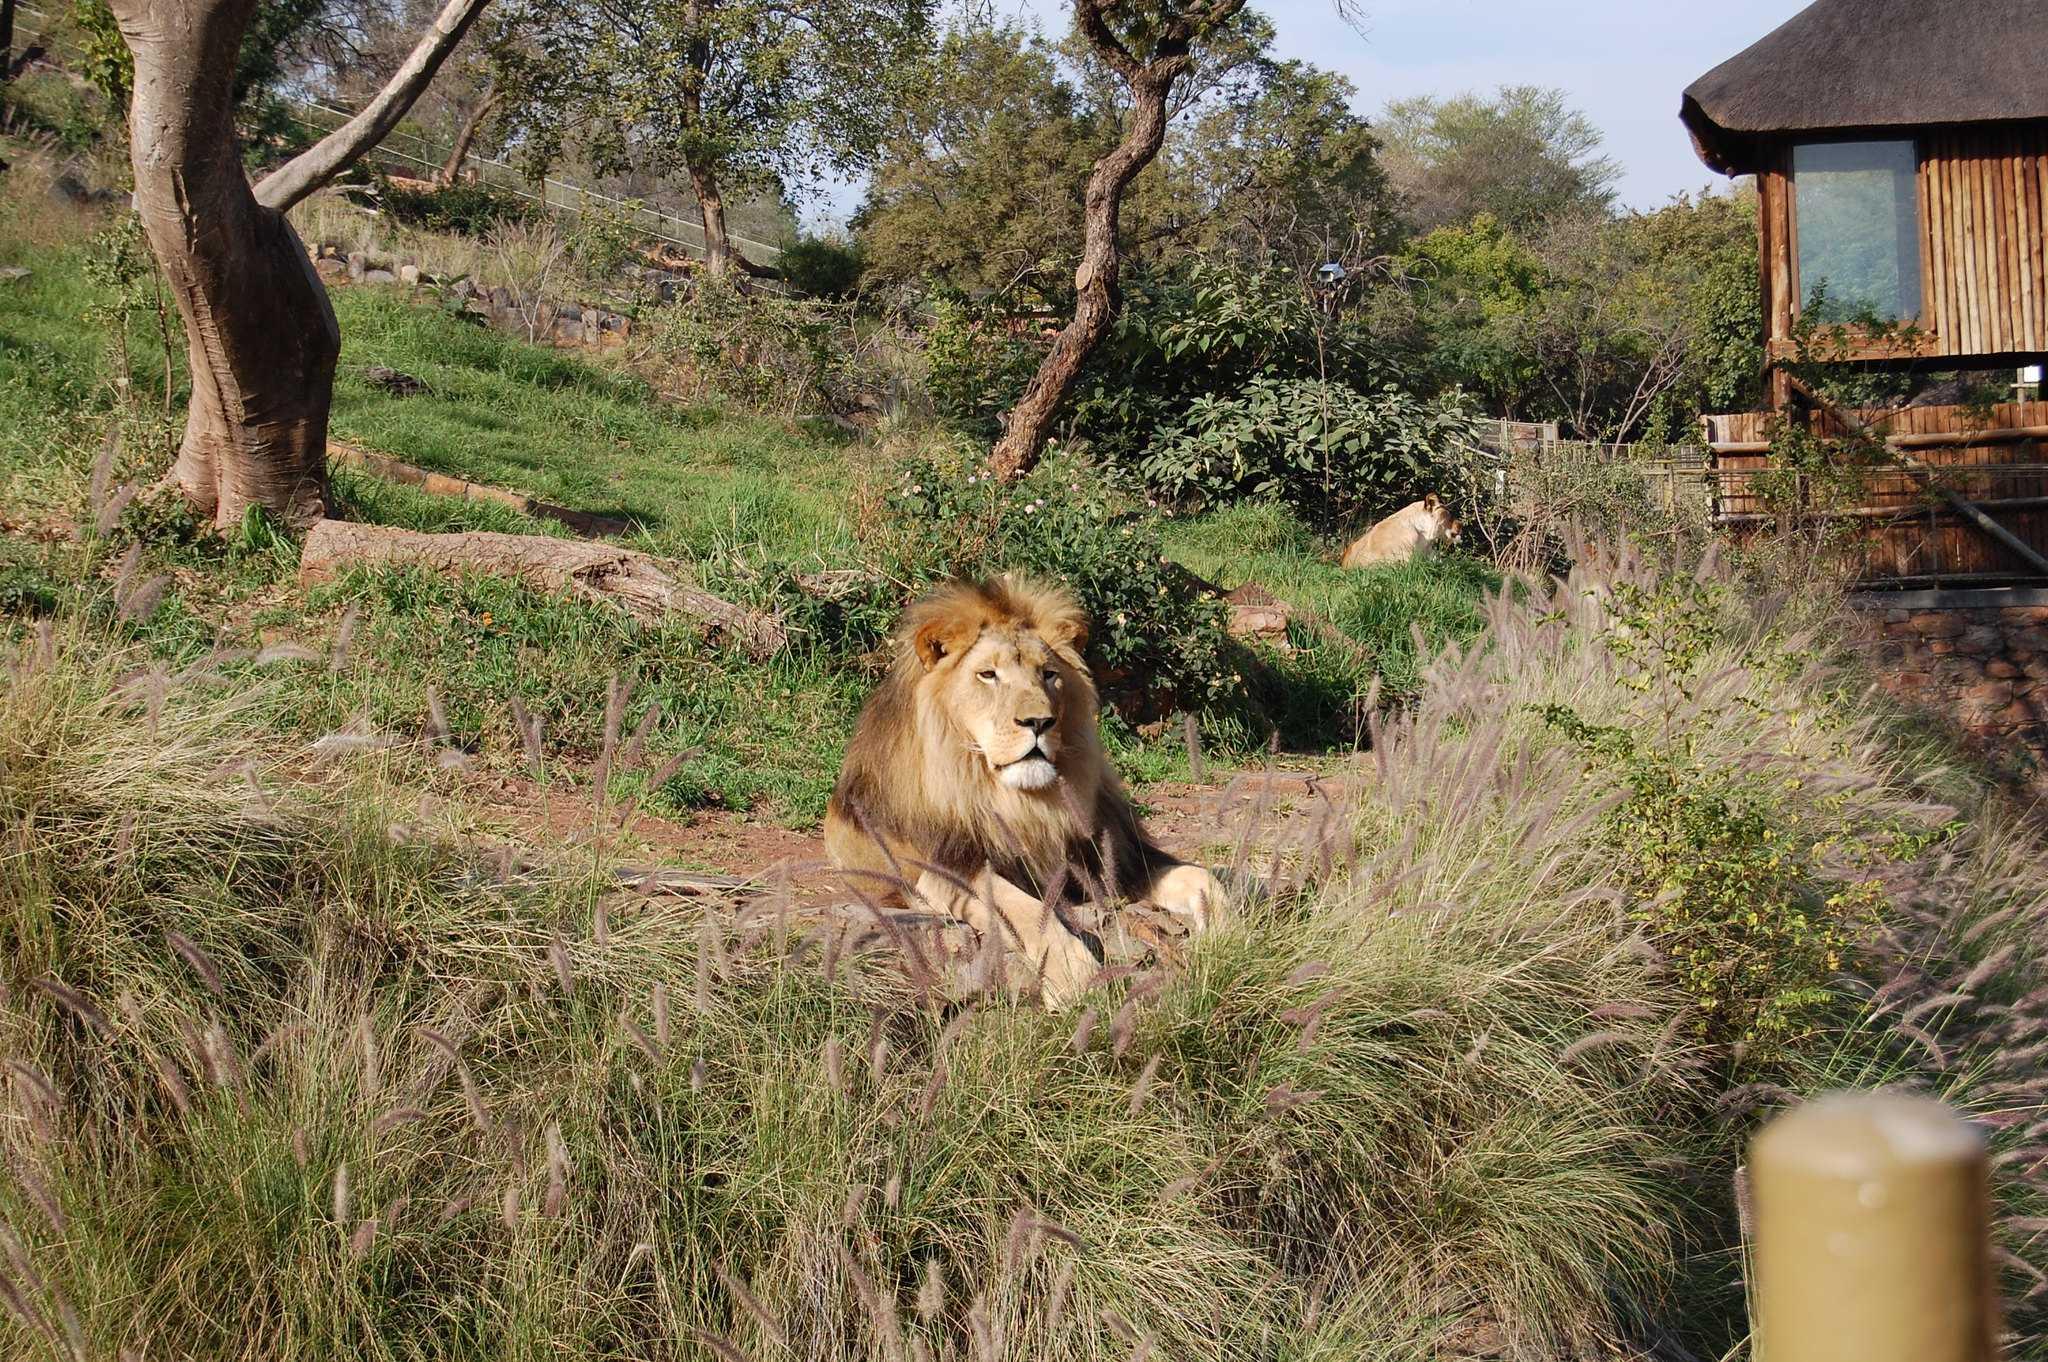 Pretoria zoo Национальный зоологический сад, Южная Африка